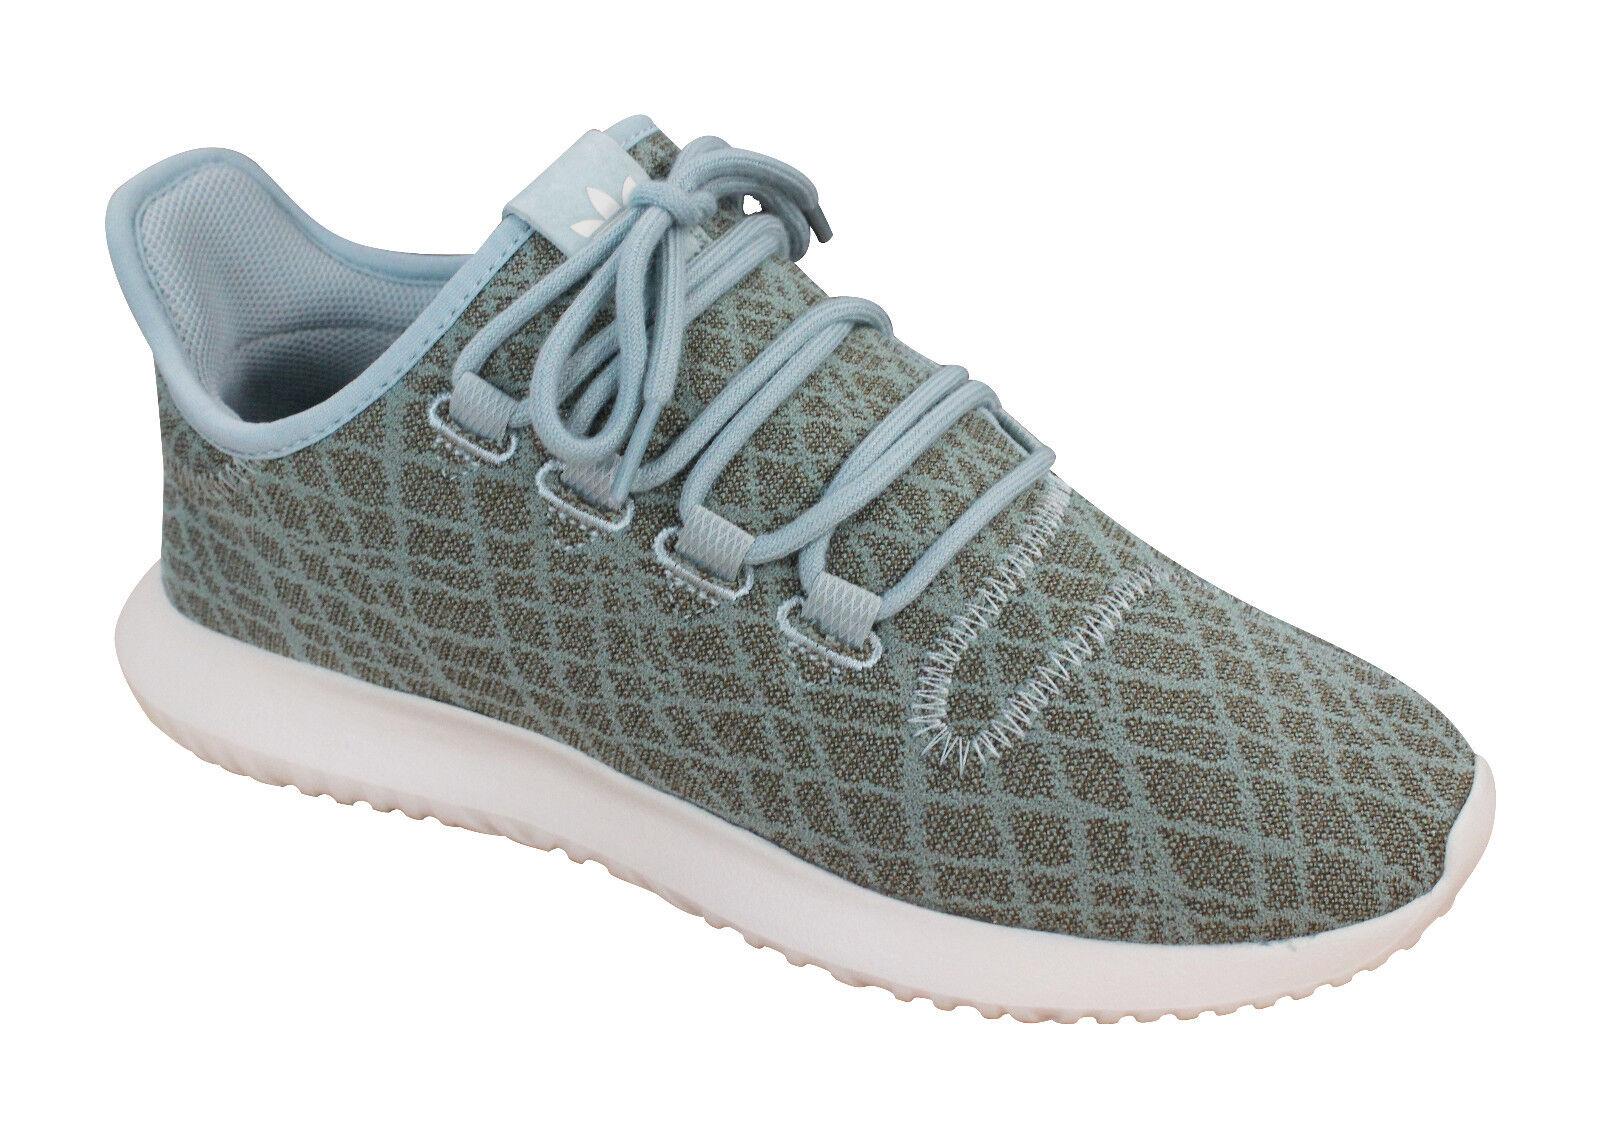 Adidas Originals Tubular Tubular Tubular Shadow Zapatillas de Mujer Zapatos con Cordones BY9737  compras en linea